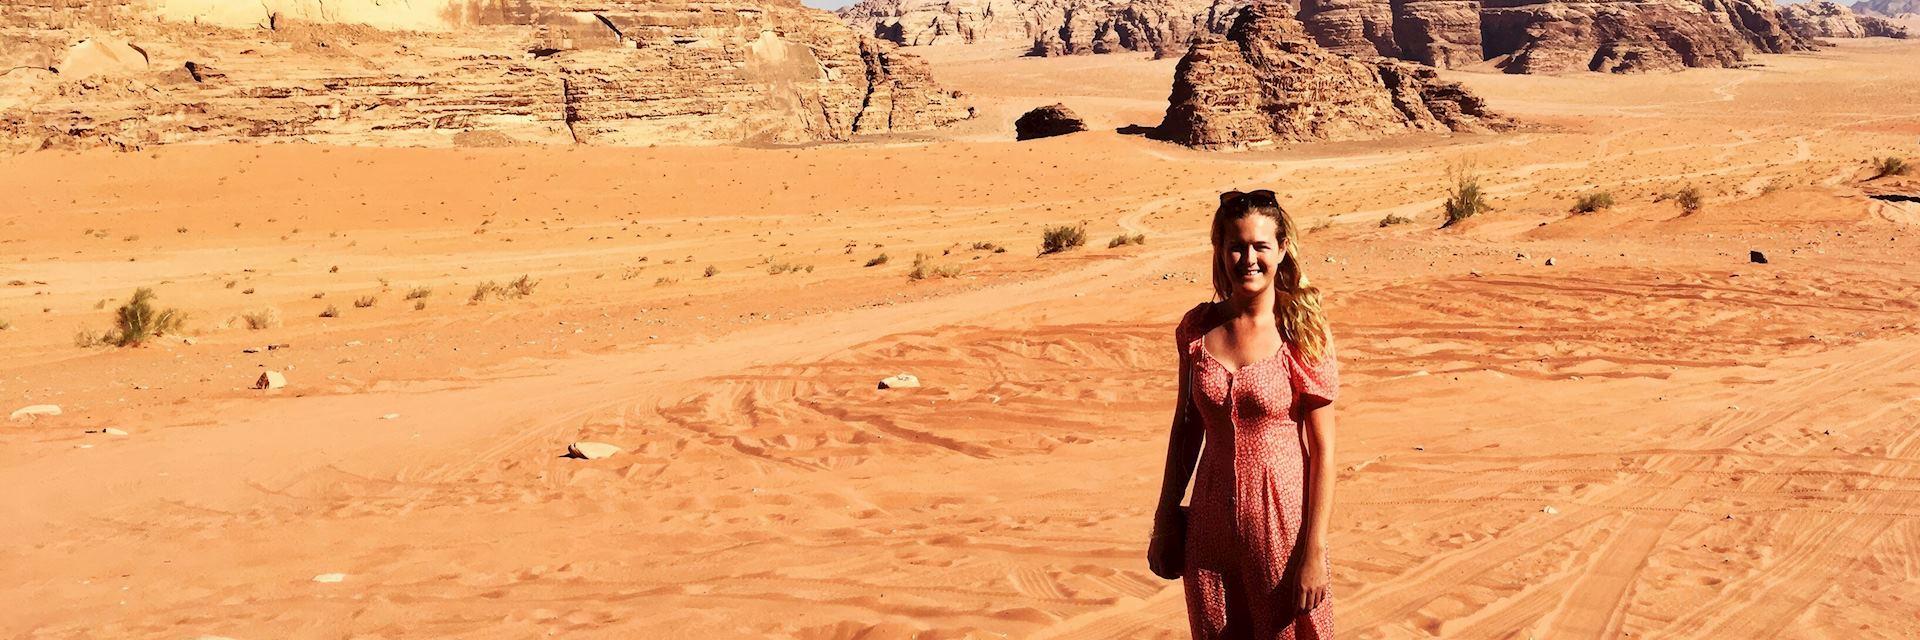 Sophie in Wadi Rum, Jordan